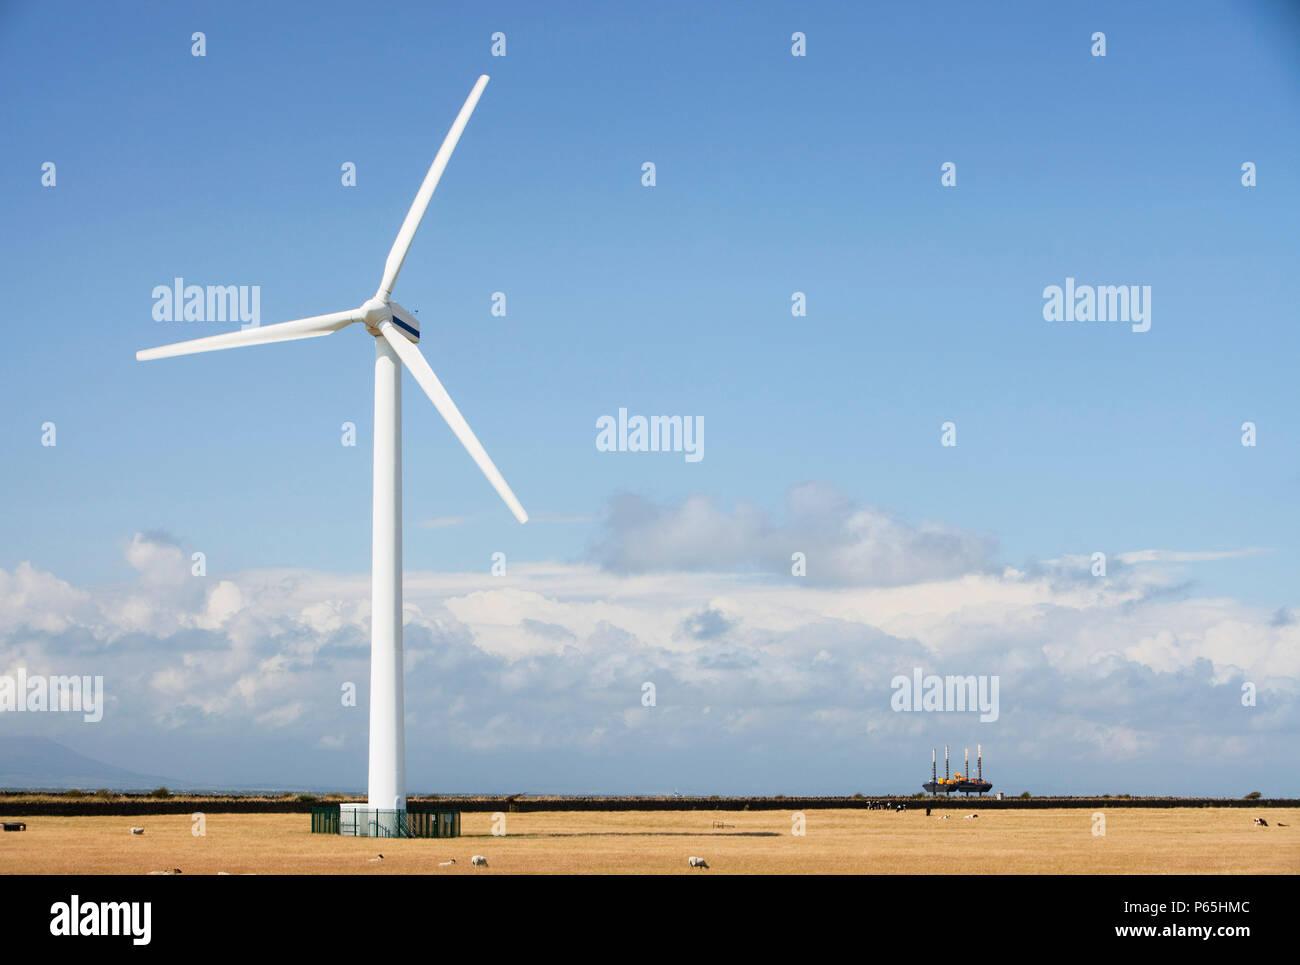 Siddick windfarm on the outskirts of Workington, Cumbria, UK. - Stock Image